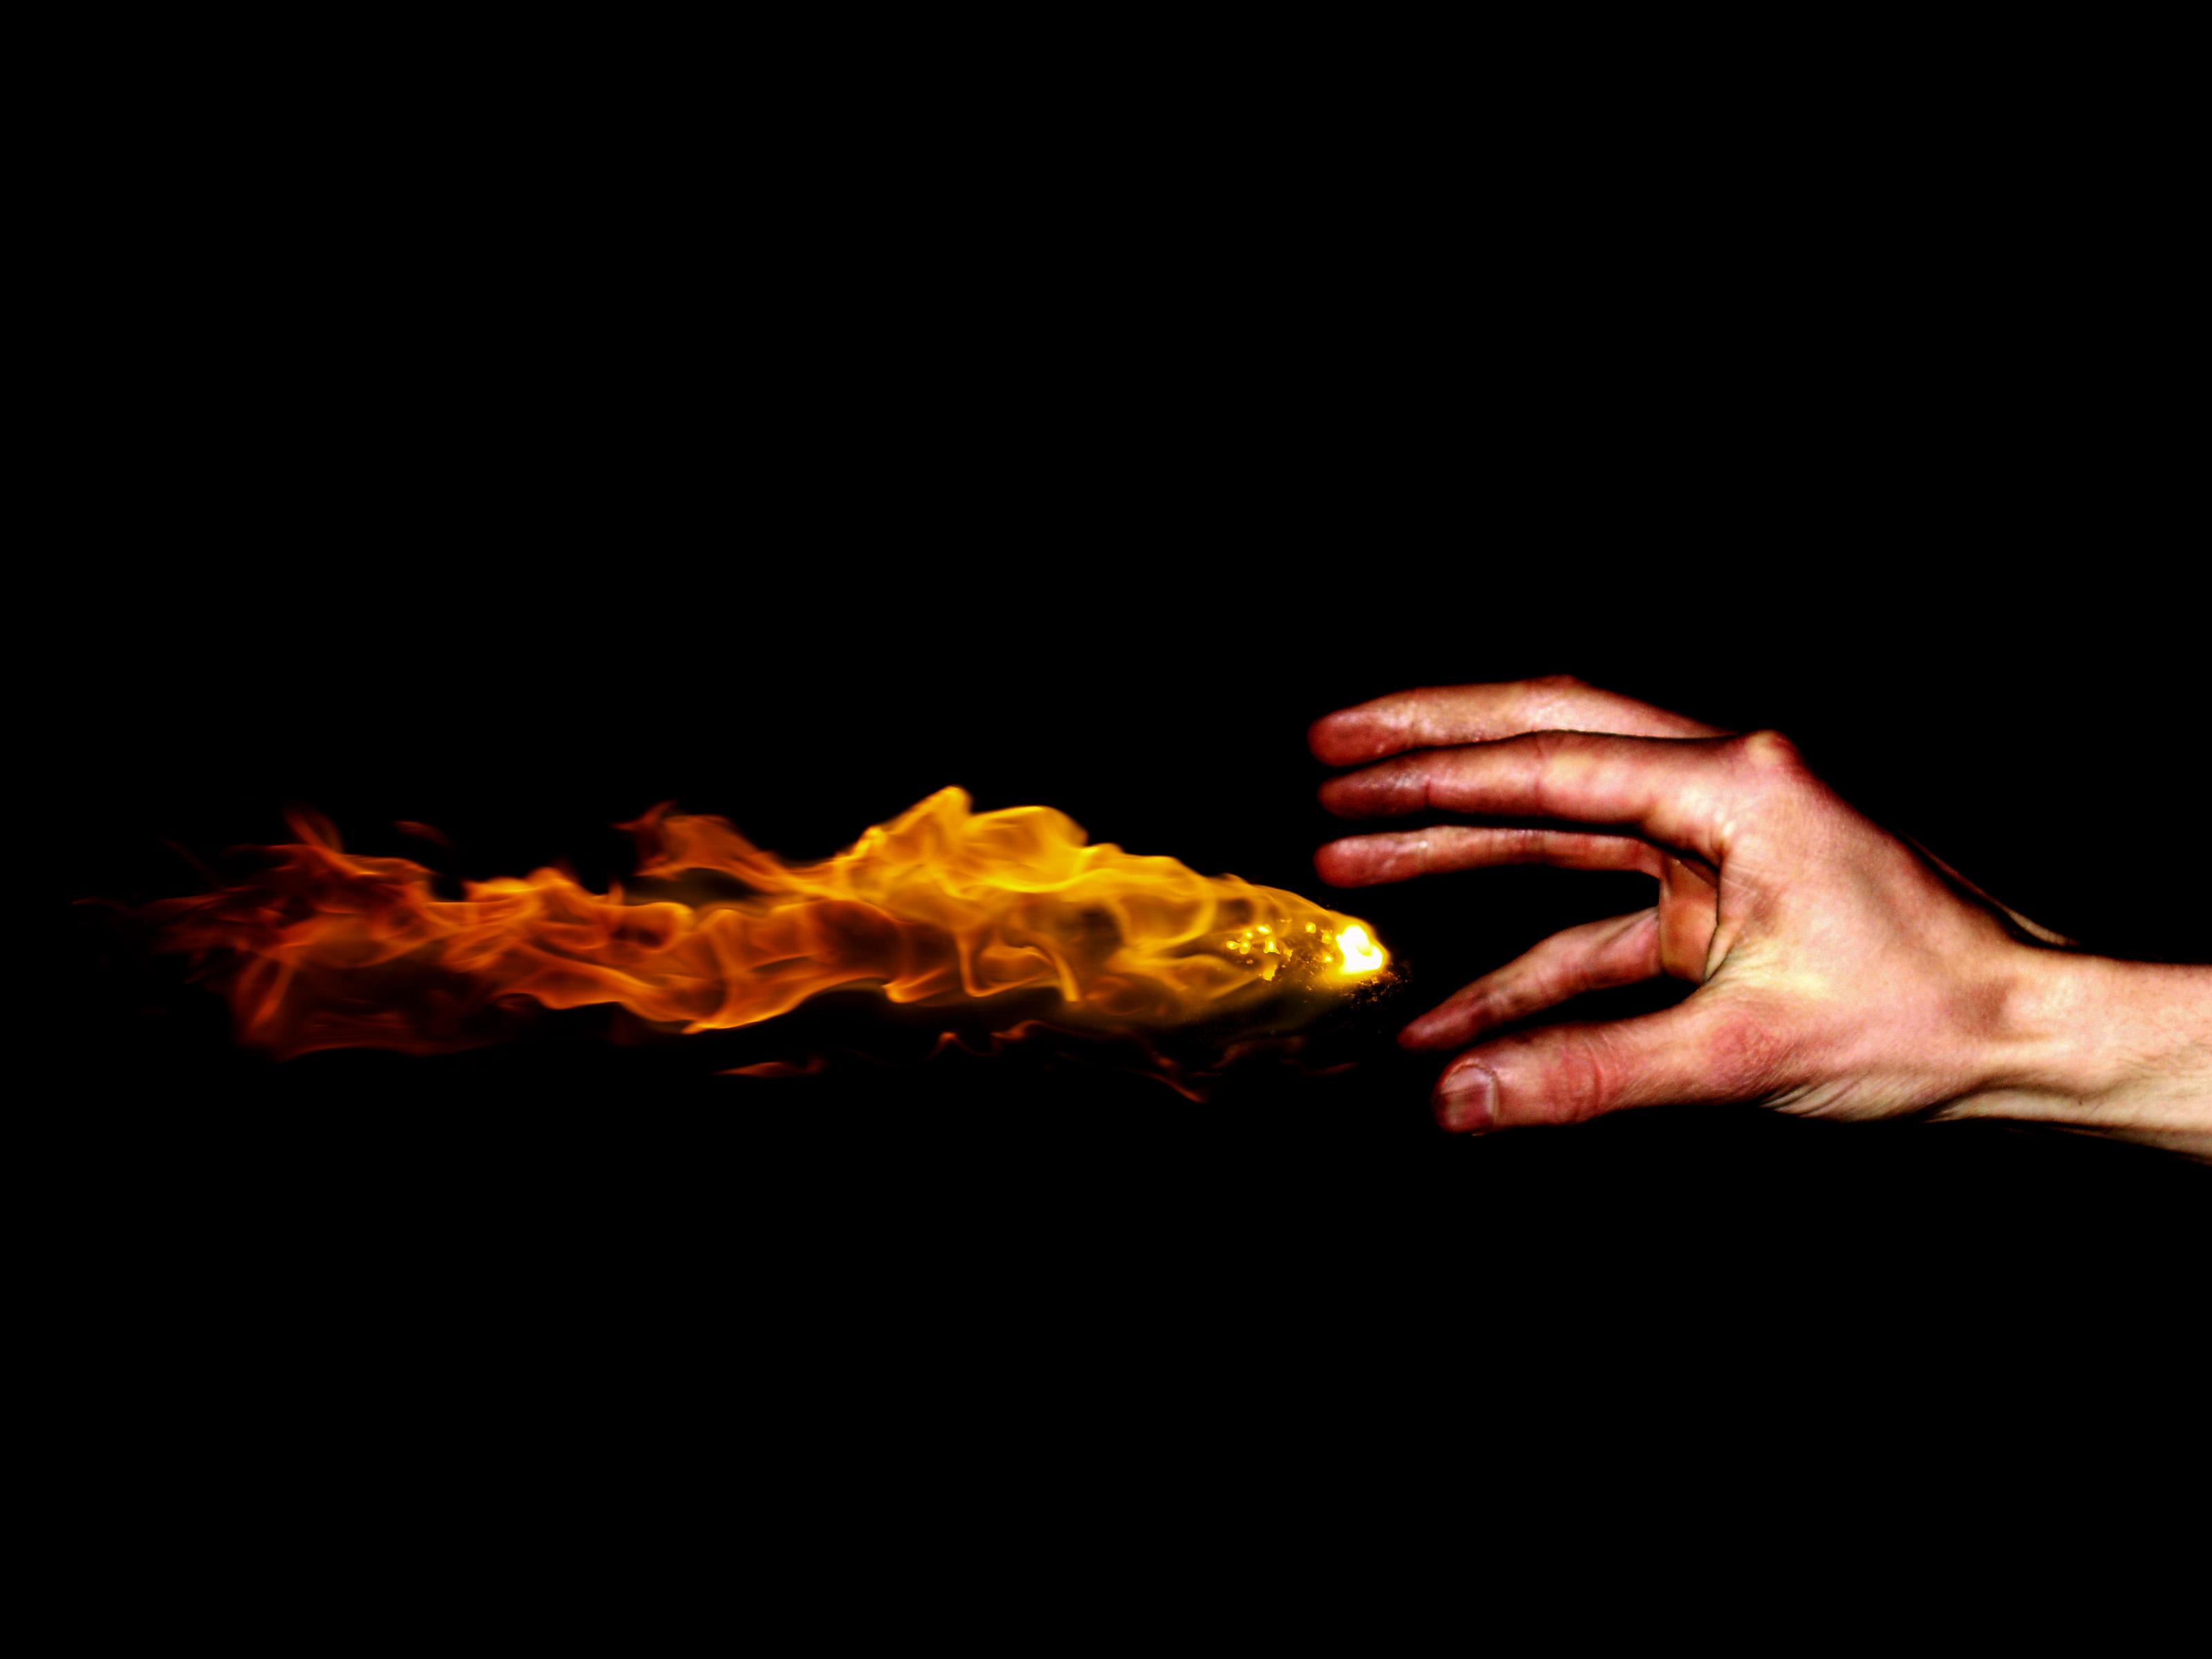 pyro_effet_spéciaux_xtrem_factory